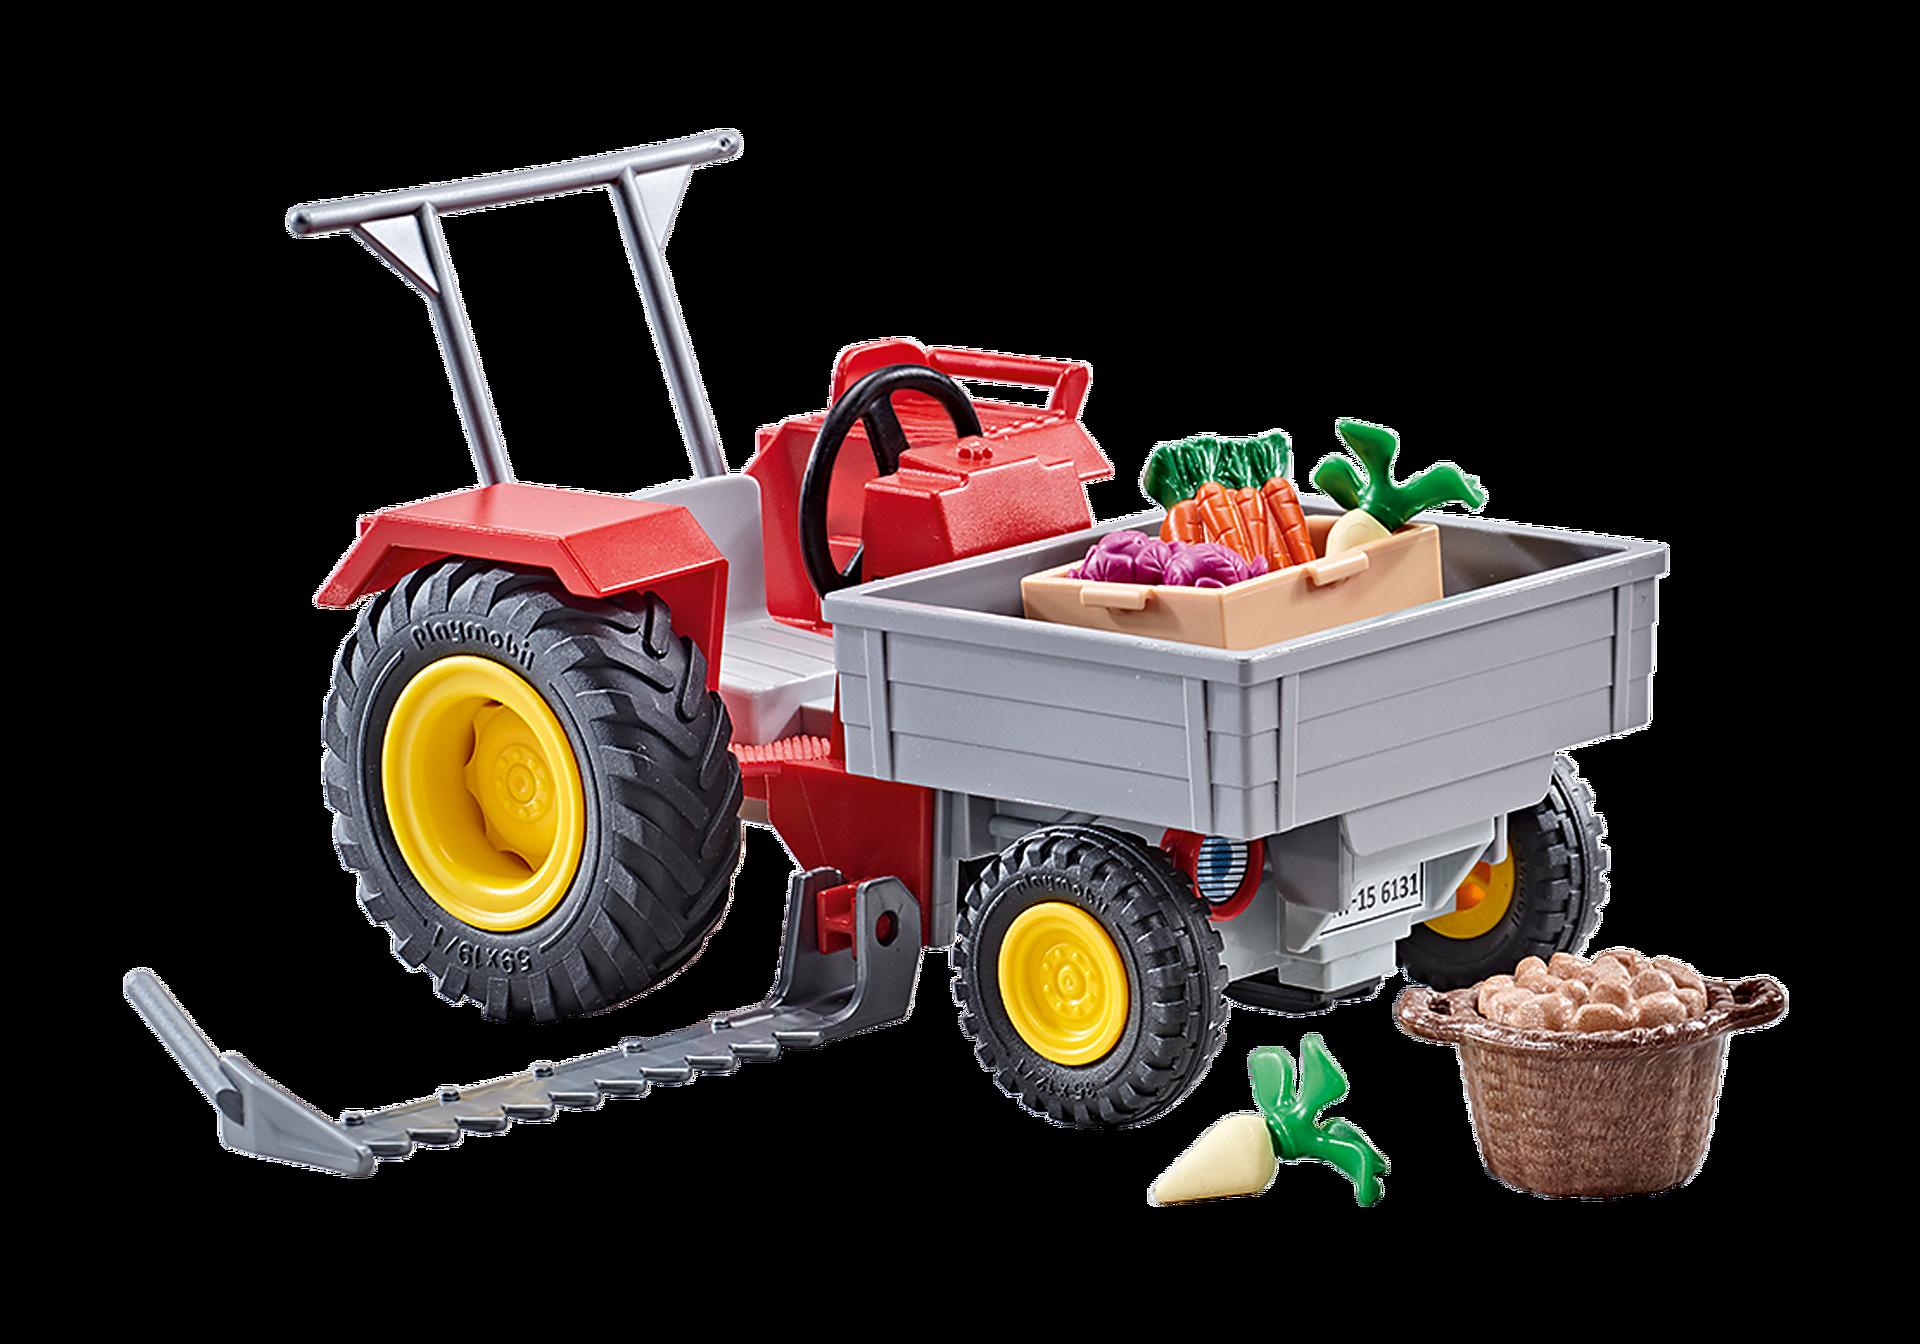 9831 Faucheuse agricole avec légumes  zoom image1